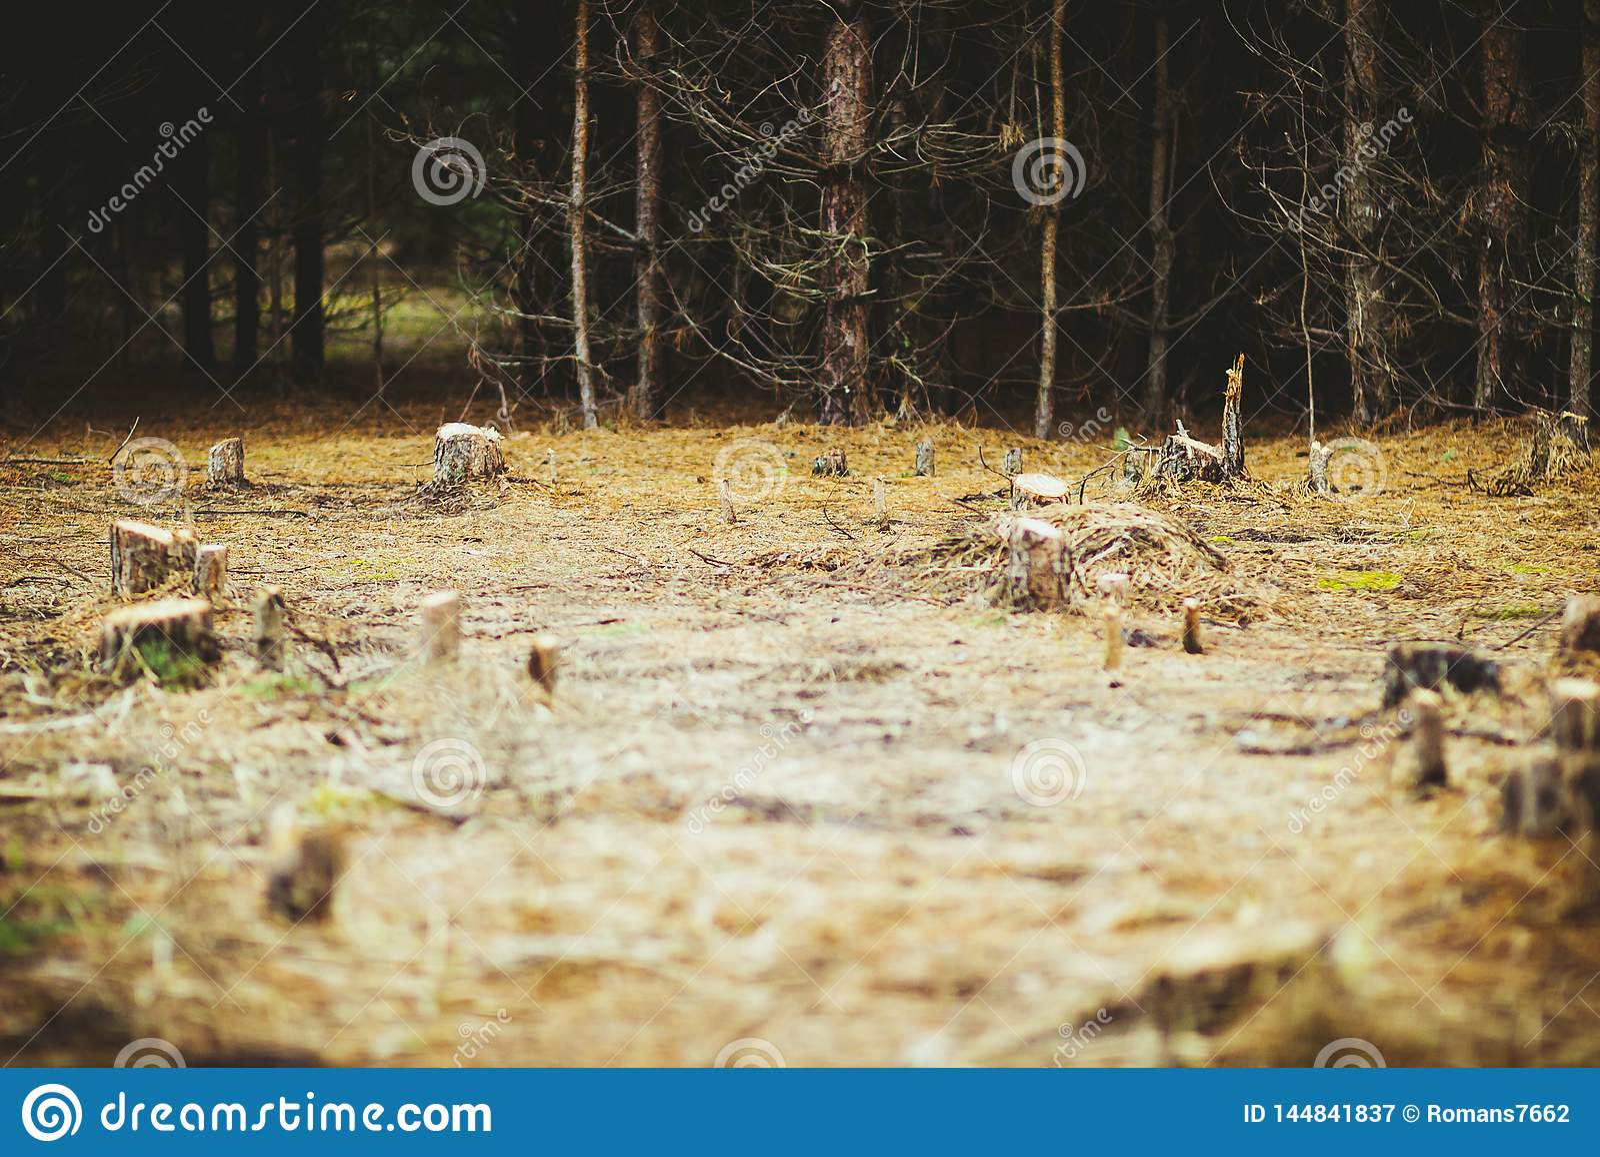 Konopie w polanie w lesie